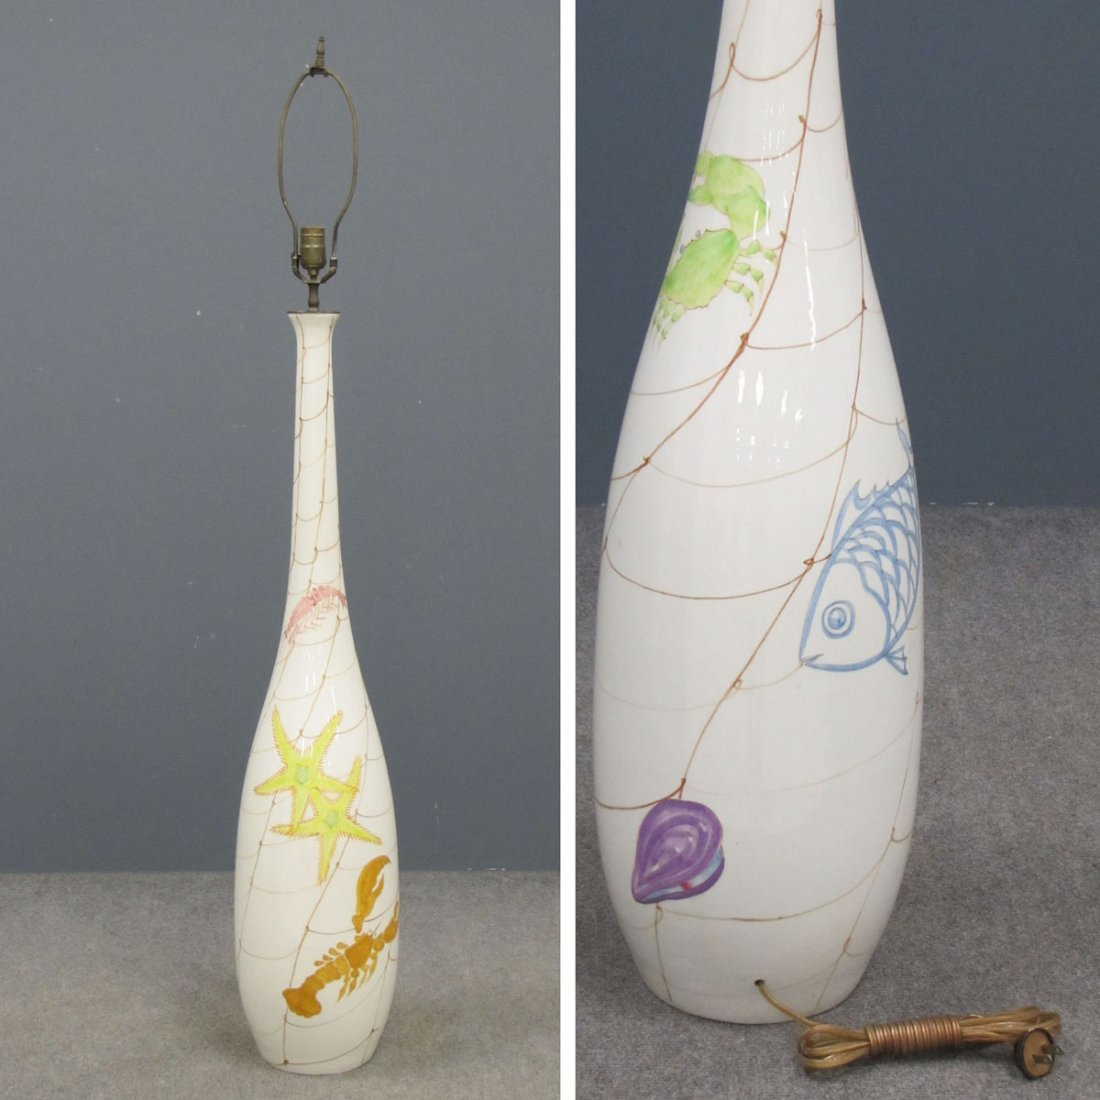 ERNESTINE OF SALERNS, DECORATED PORCELAIN LAMP